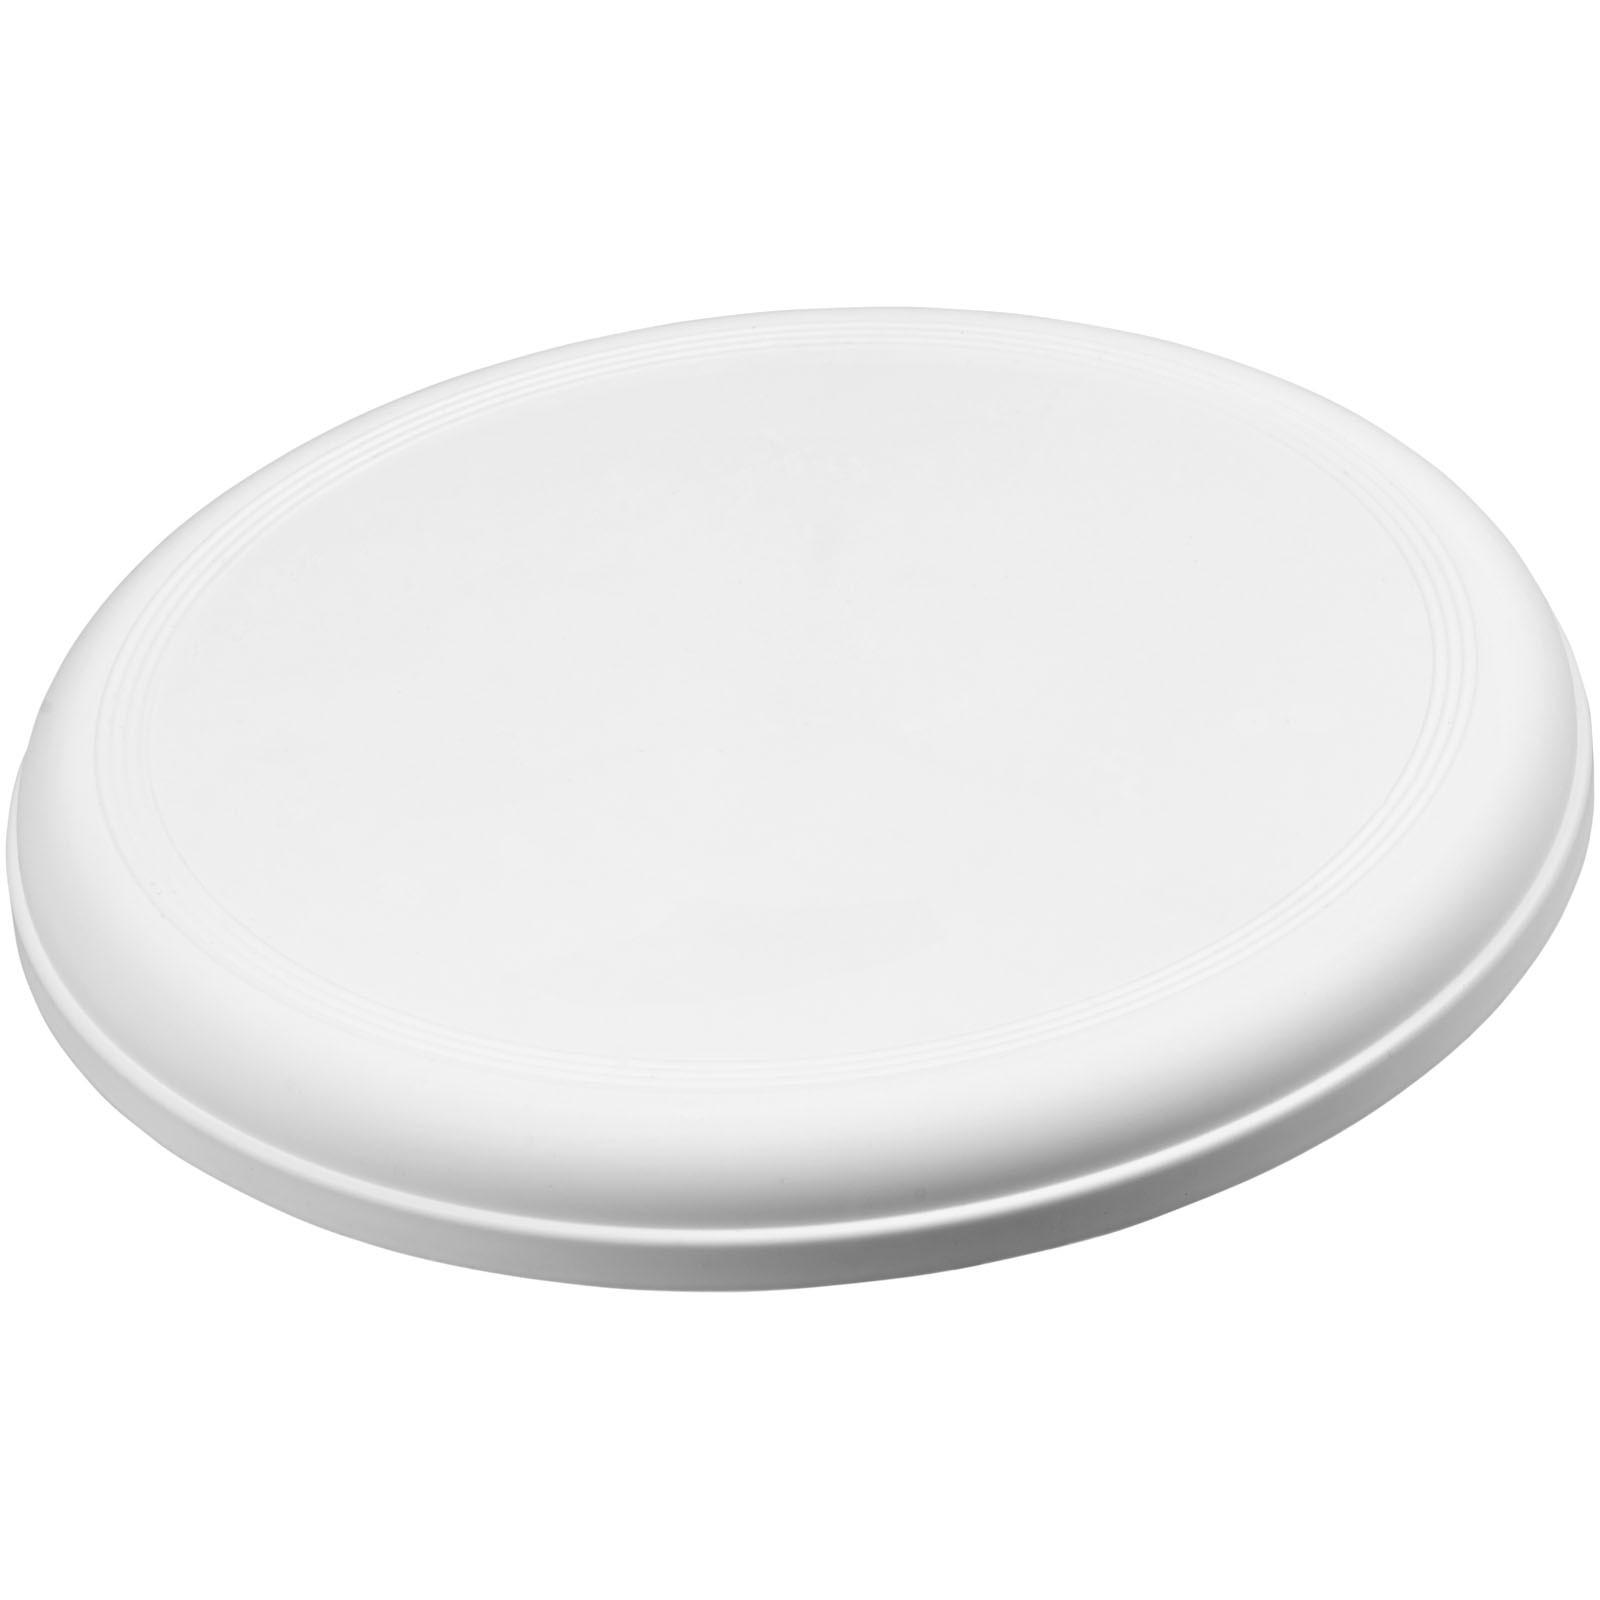 Frisbee Taurus - Bílá